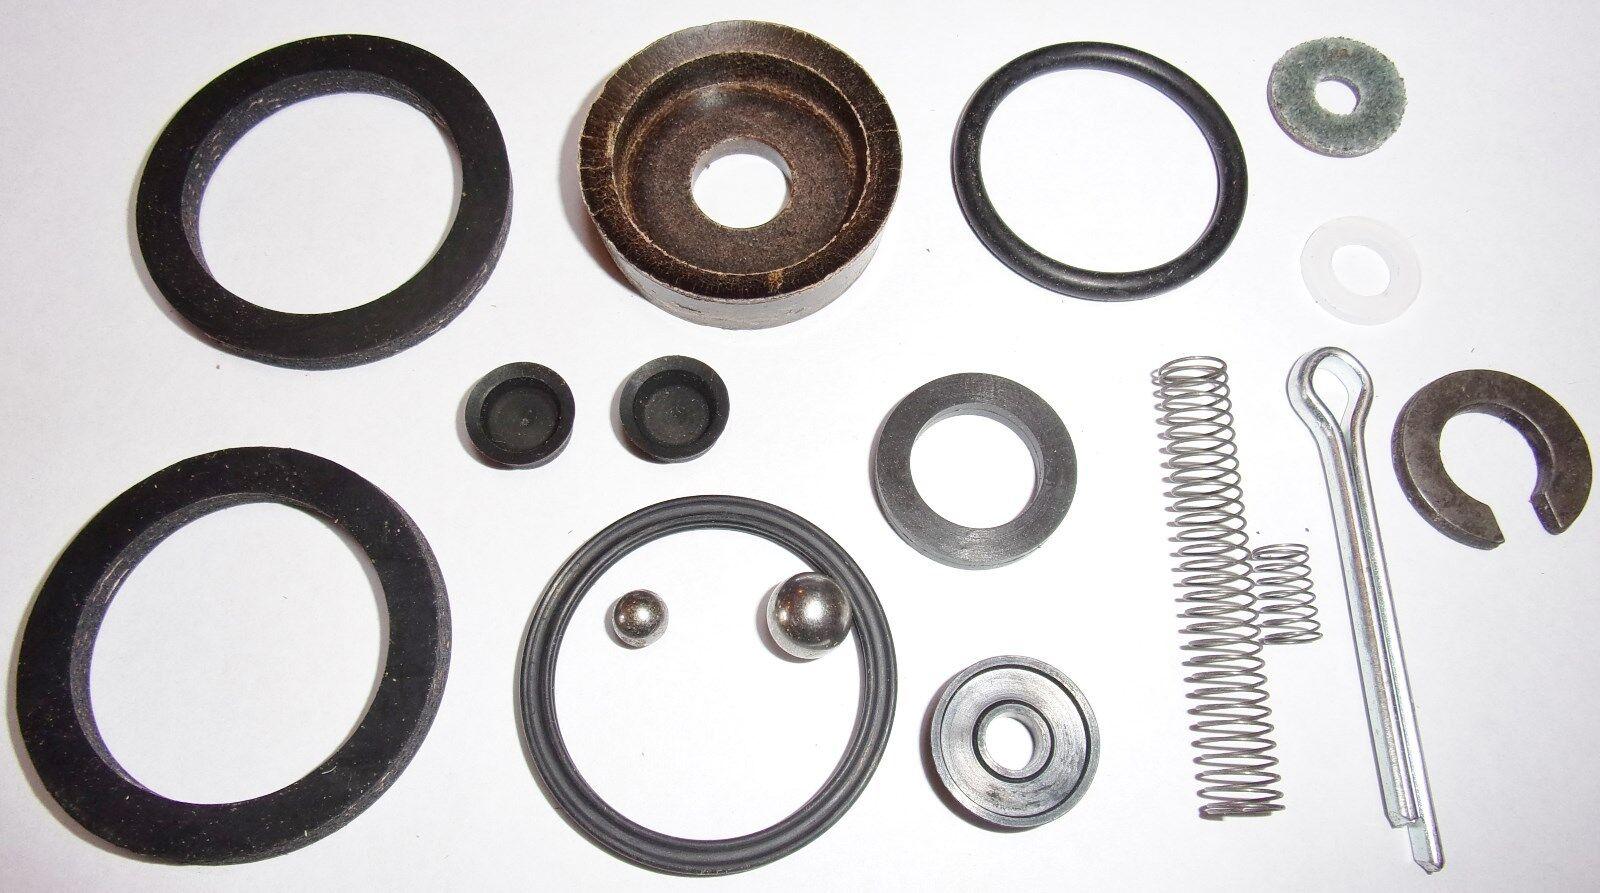 Hein Werner Model Ws Repair Kit